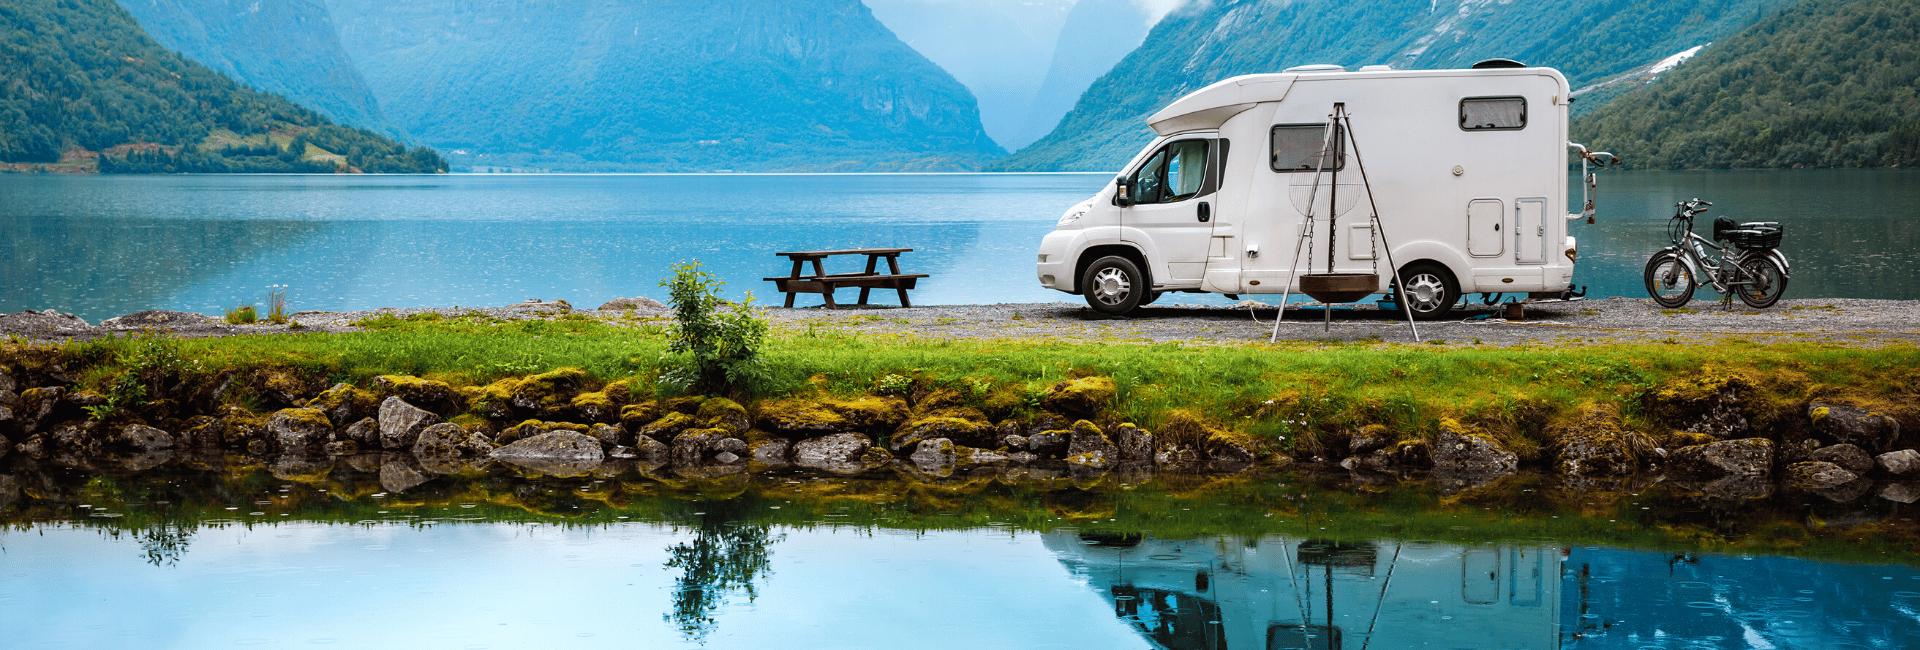 Over 25 års erfaring med autcocamper-ferie i USA, Canada, Australien og New Zealand - Risskov Rejser